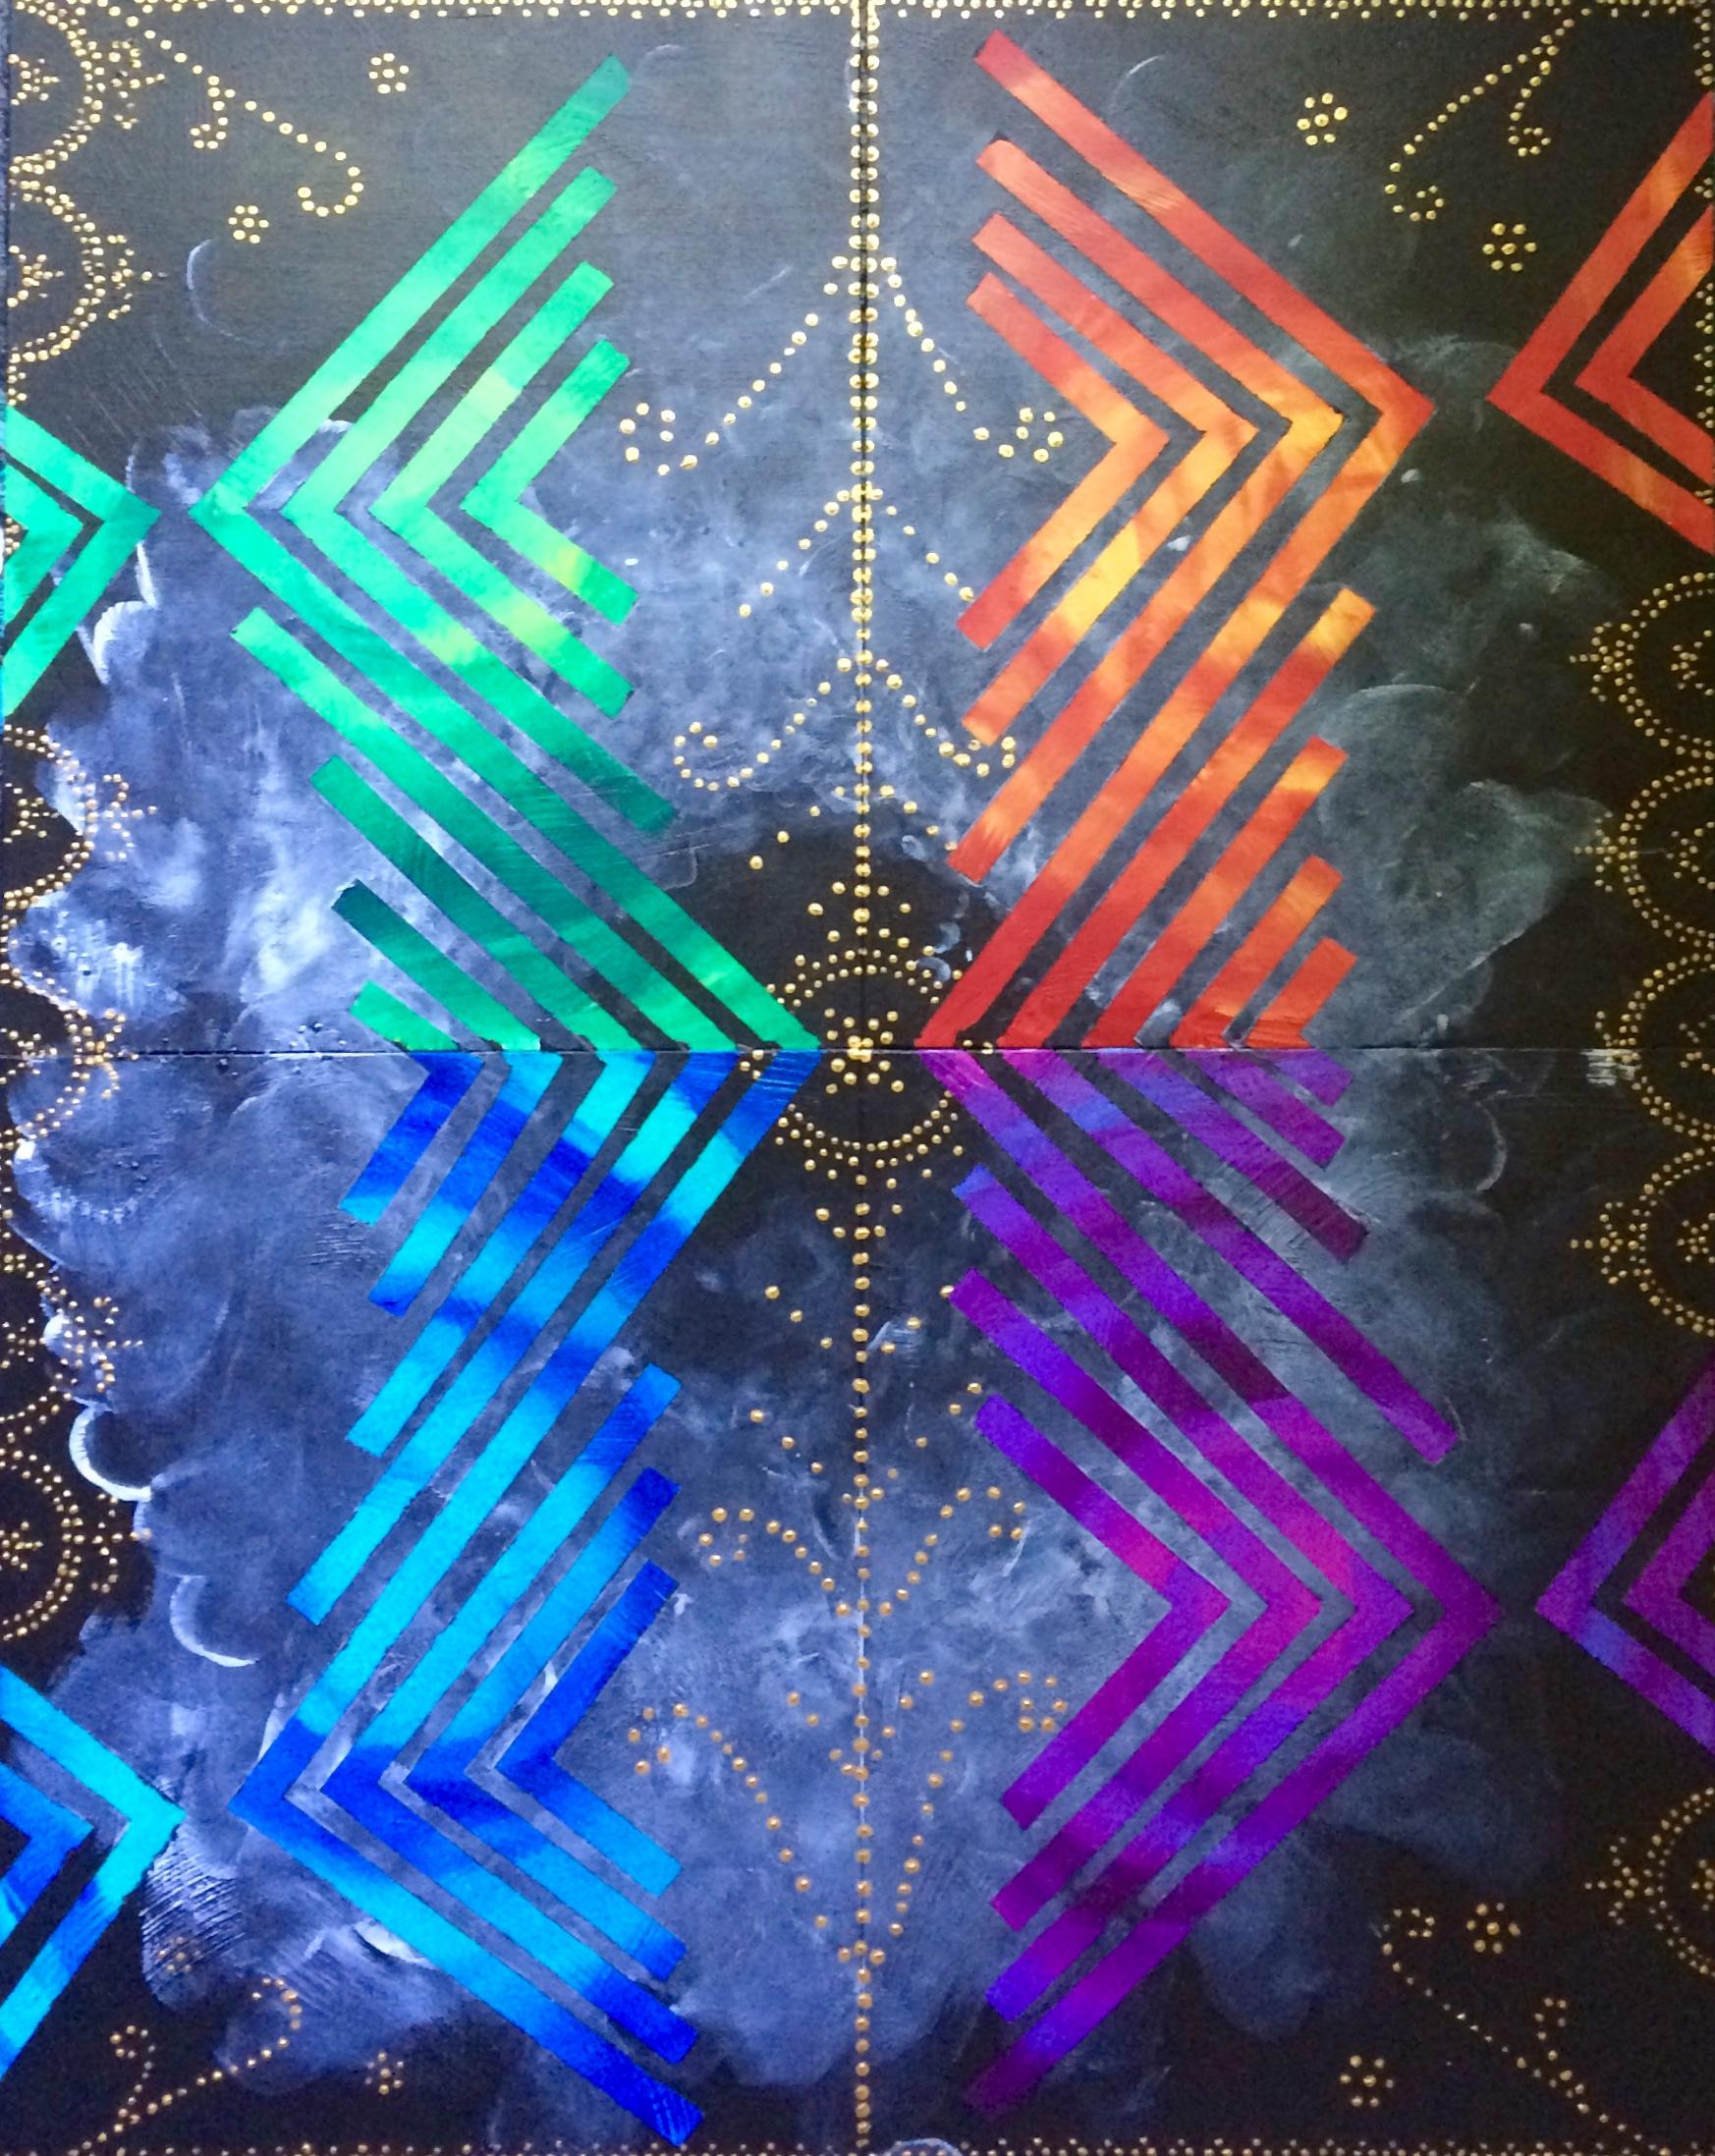 Untitled, acrylic on panels, 2015